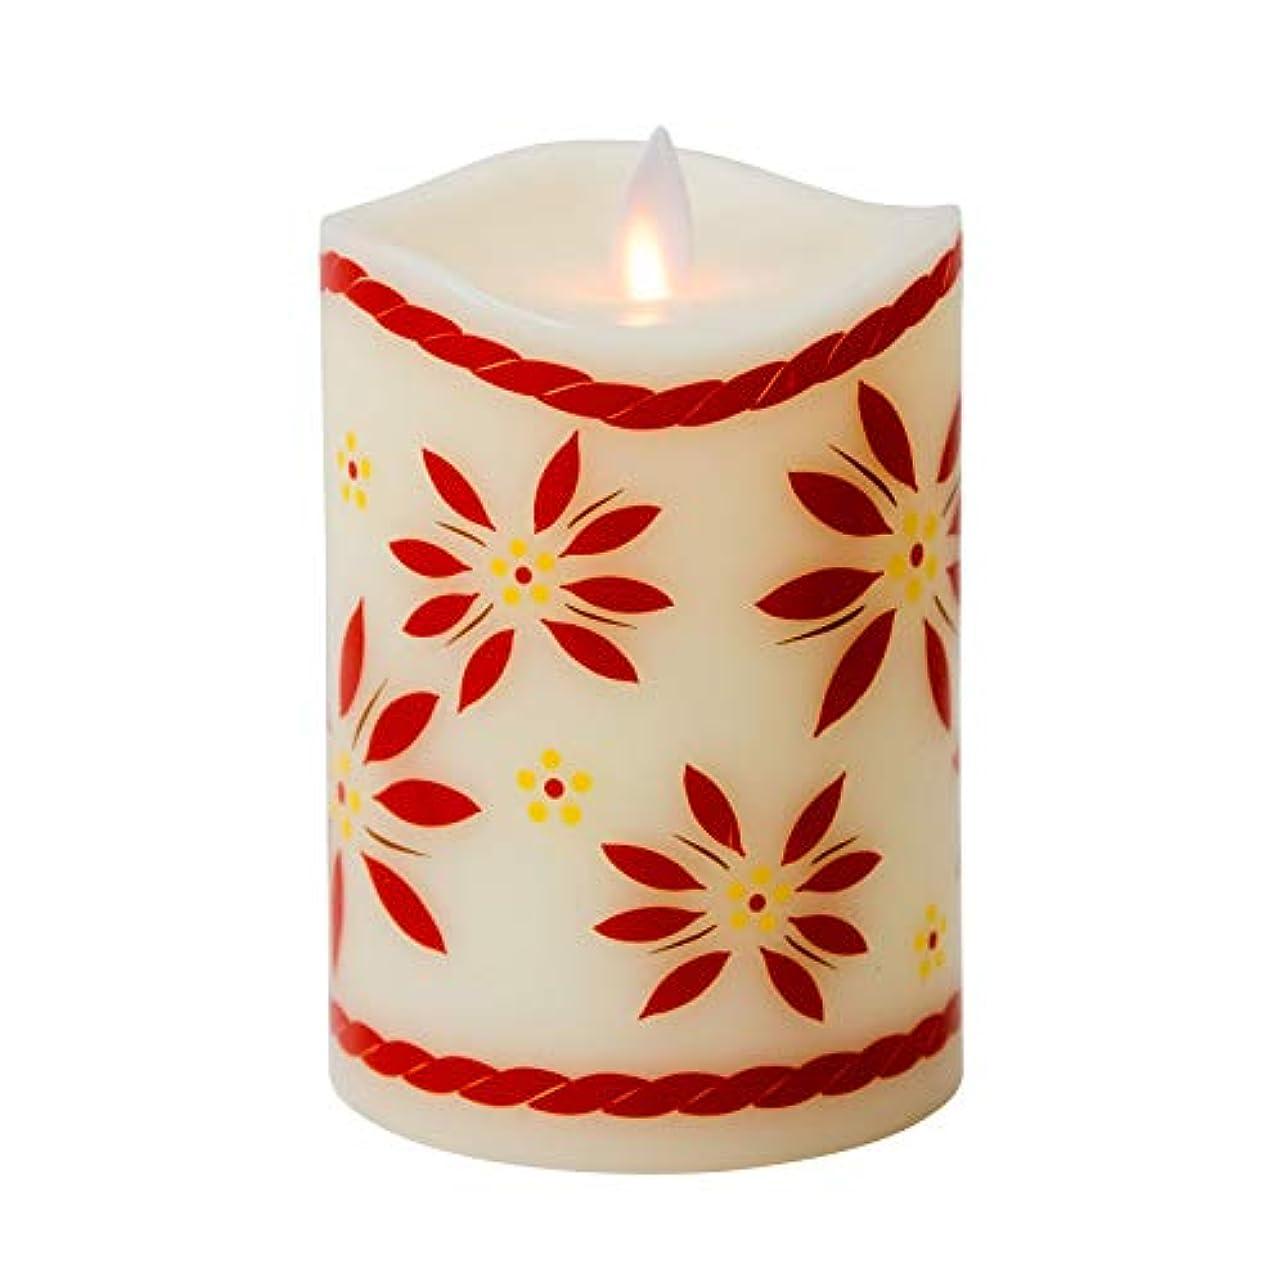 意義ブルーベル乗り出すBoston Warehouse temp-tations by Tara Mystiqueパラフィンワックス5インチOld World Flameless Pillar Candle レッド 40441